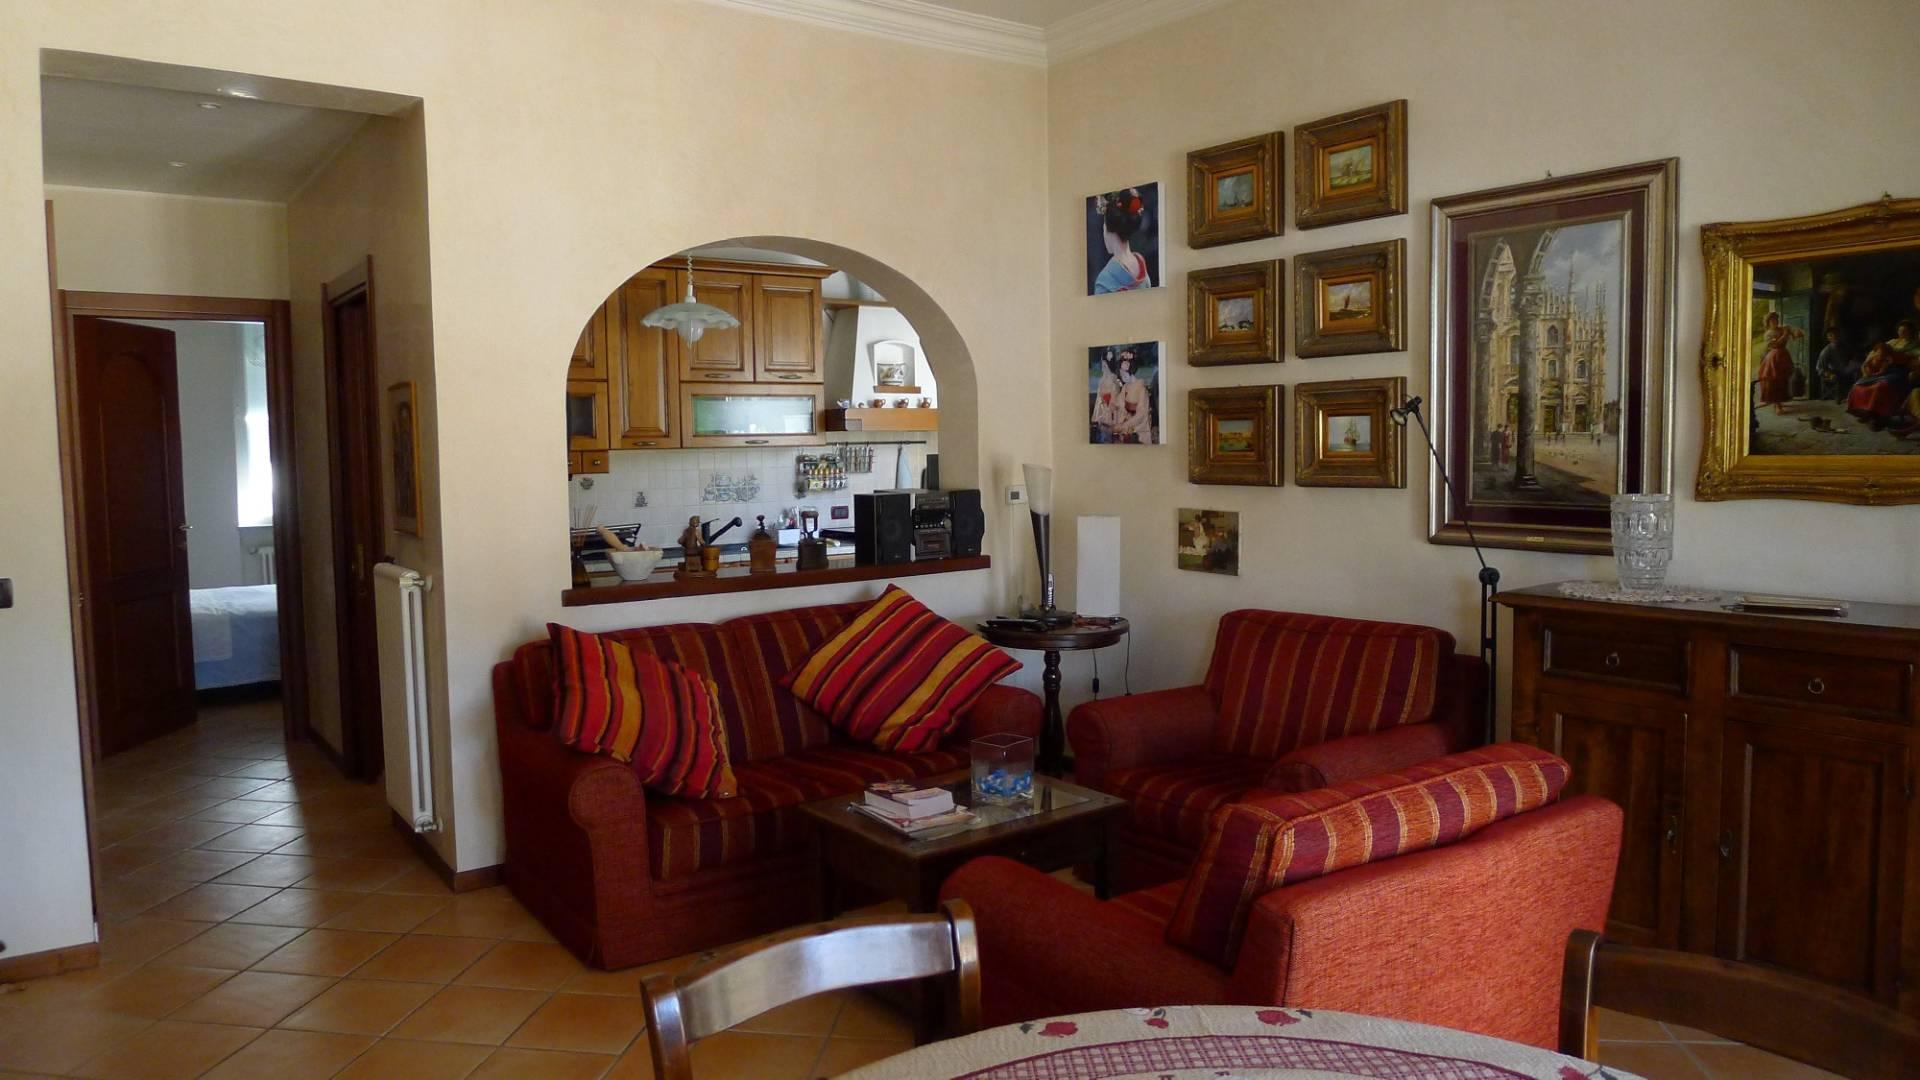 Villa in vendita a Loano, 5 locali, zona Località: 200metridallespiagge, Trattative riservate | Cambio Casa.it